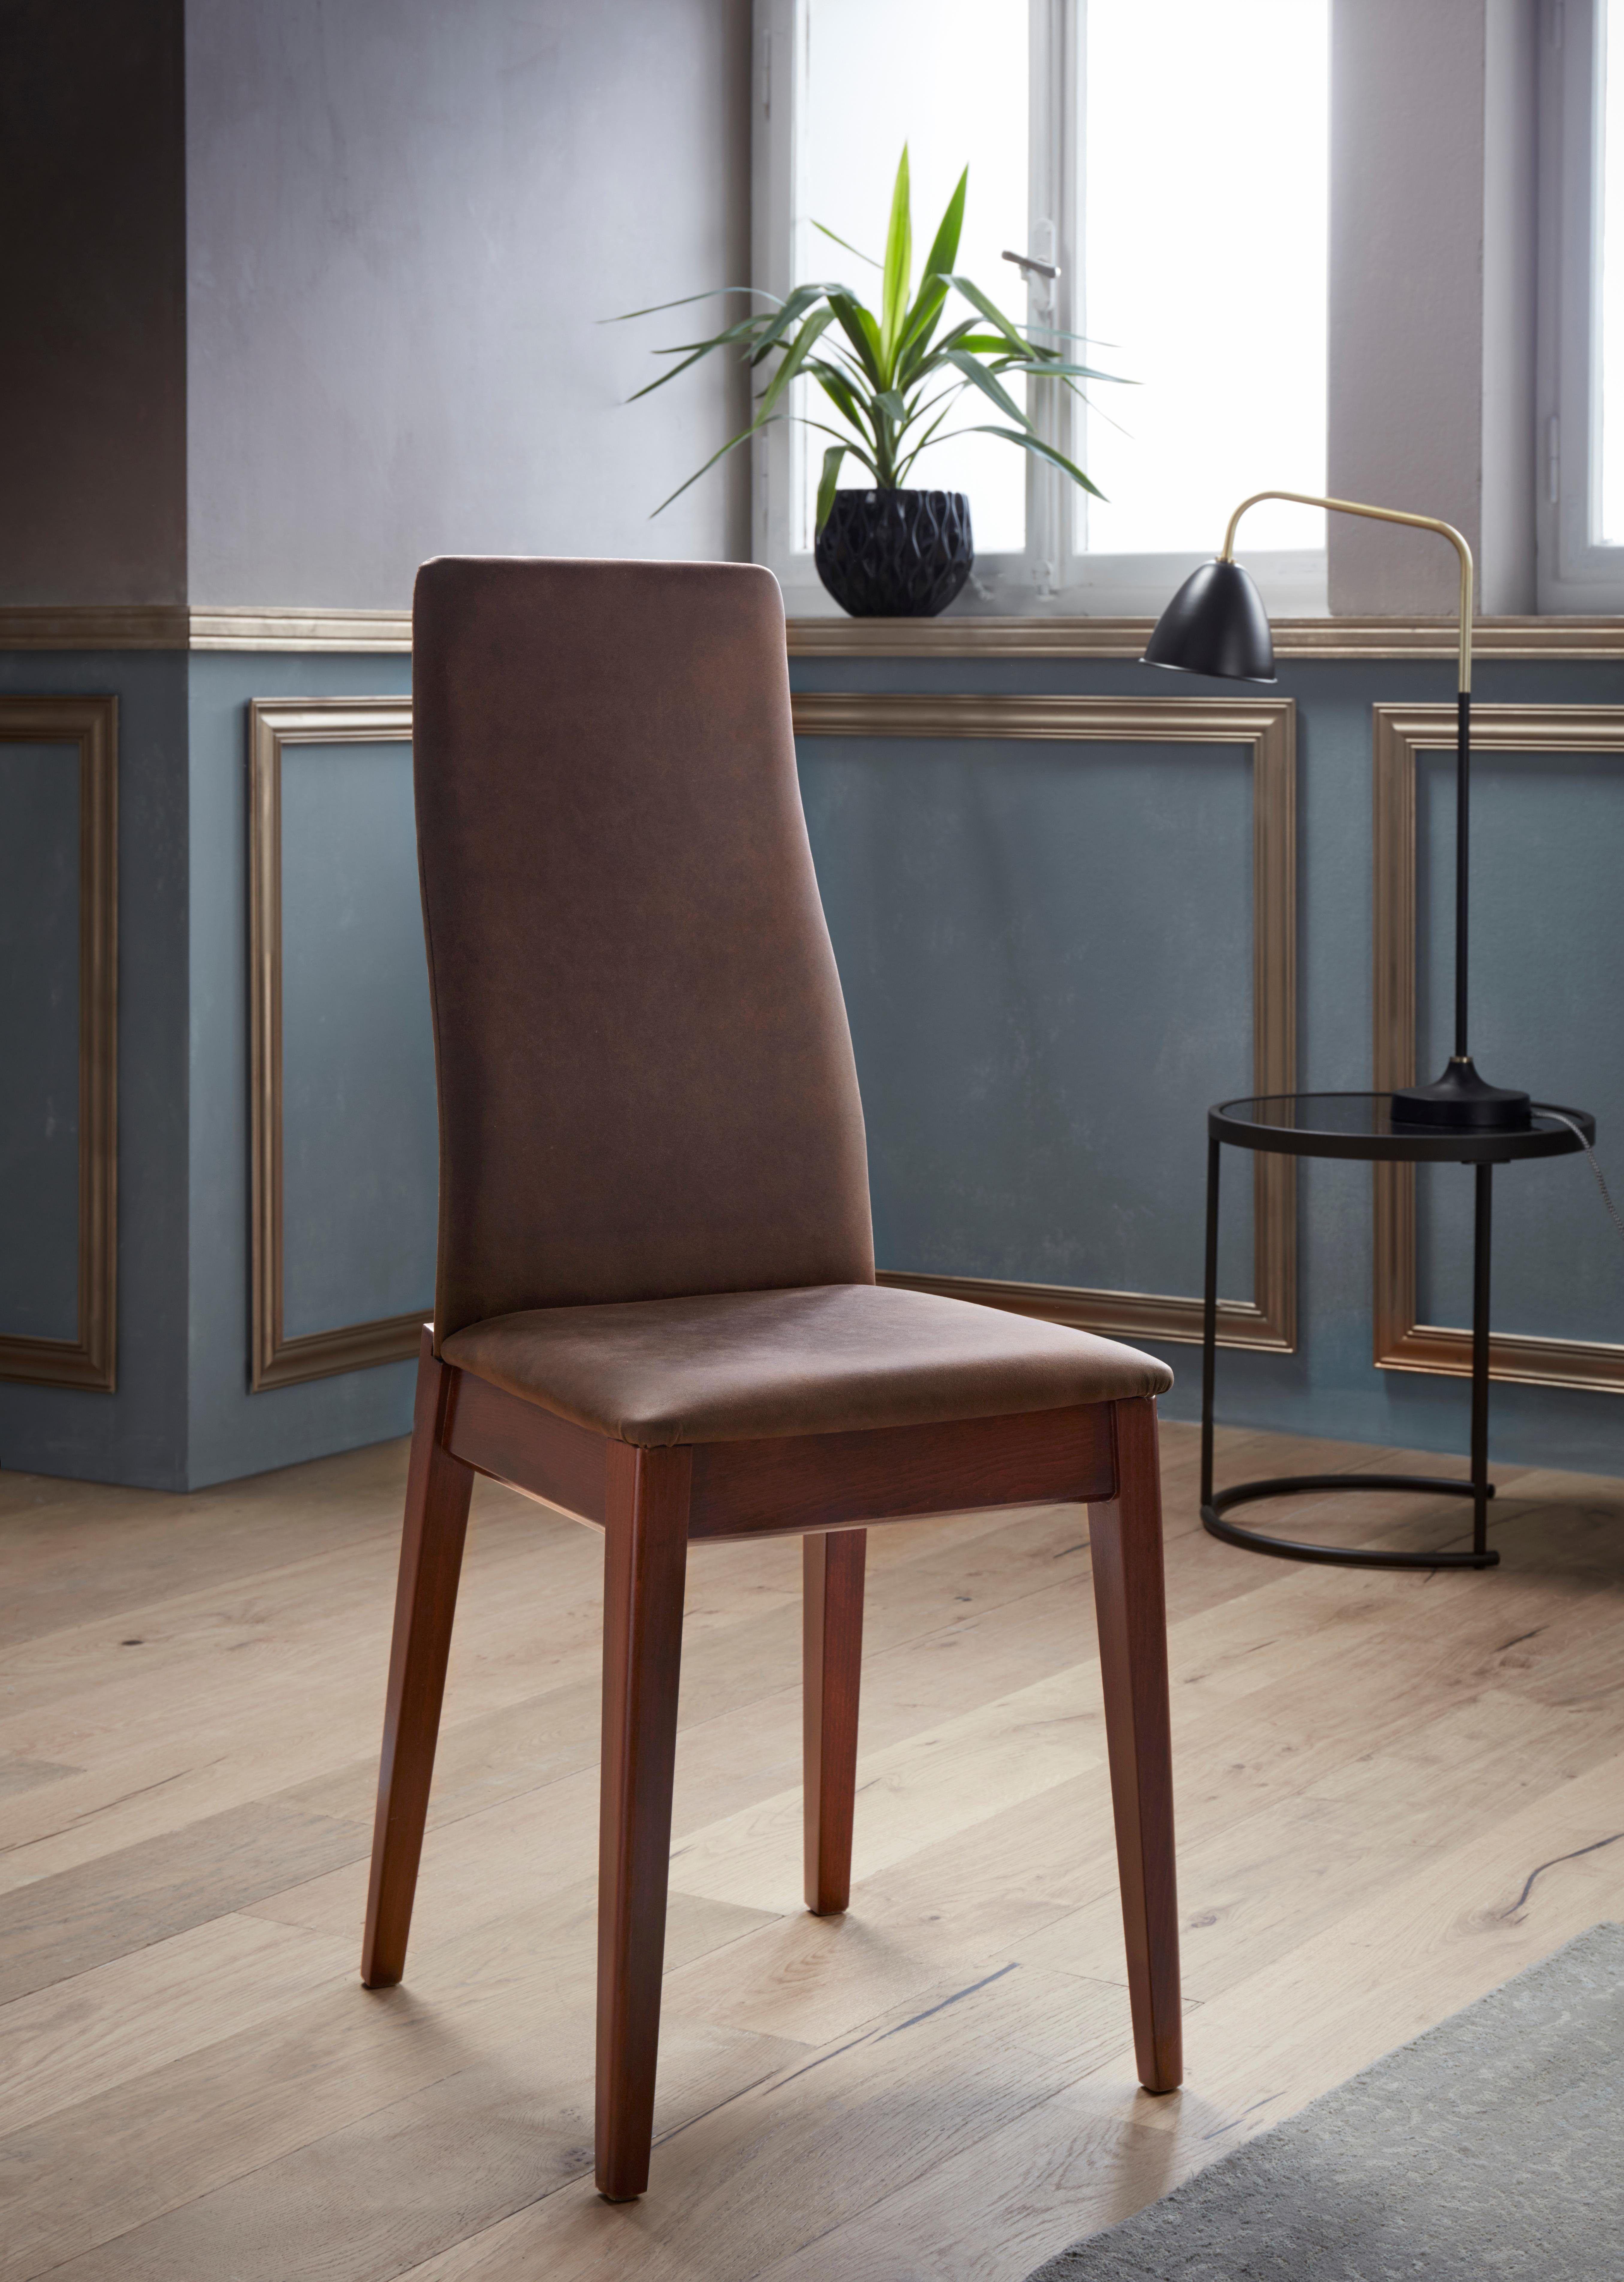 Brilliant Polster Esszimmerstühle Foto Von Polster-stuhl Braun, Dunkelbraun, »milanoÂ«, Fsc®-zertifiziert, Places Of